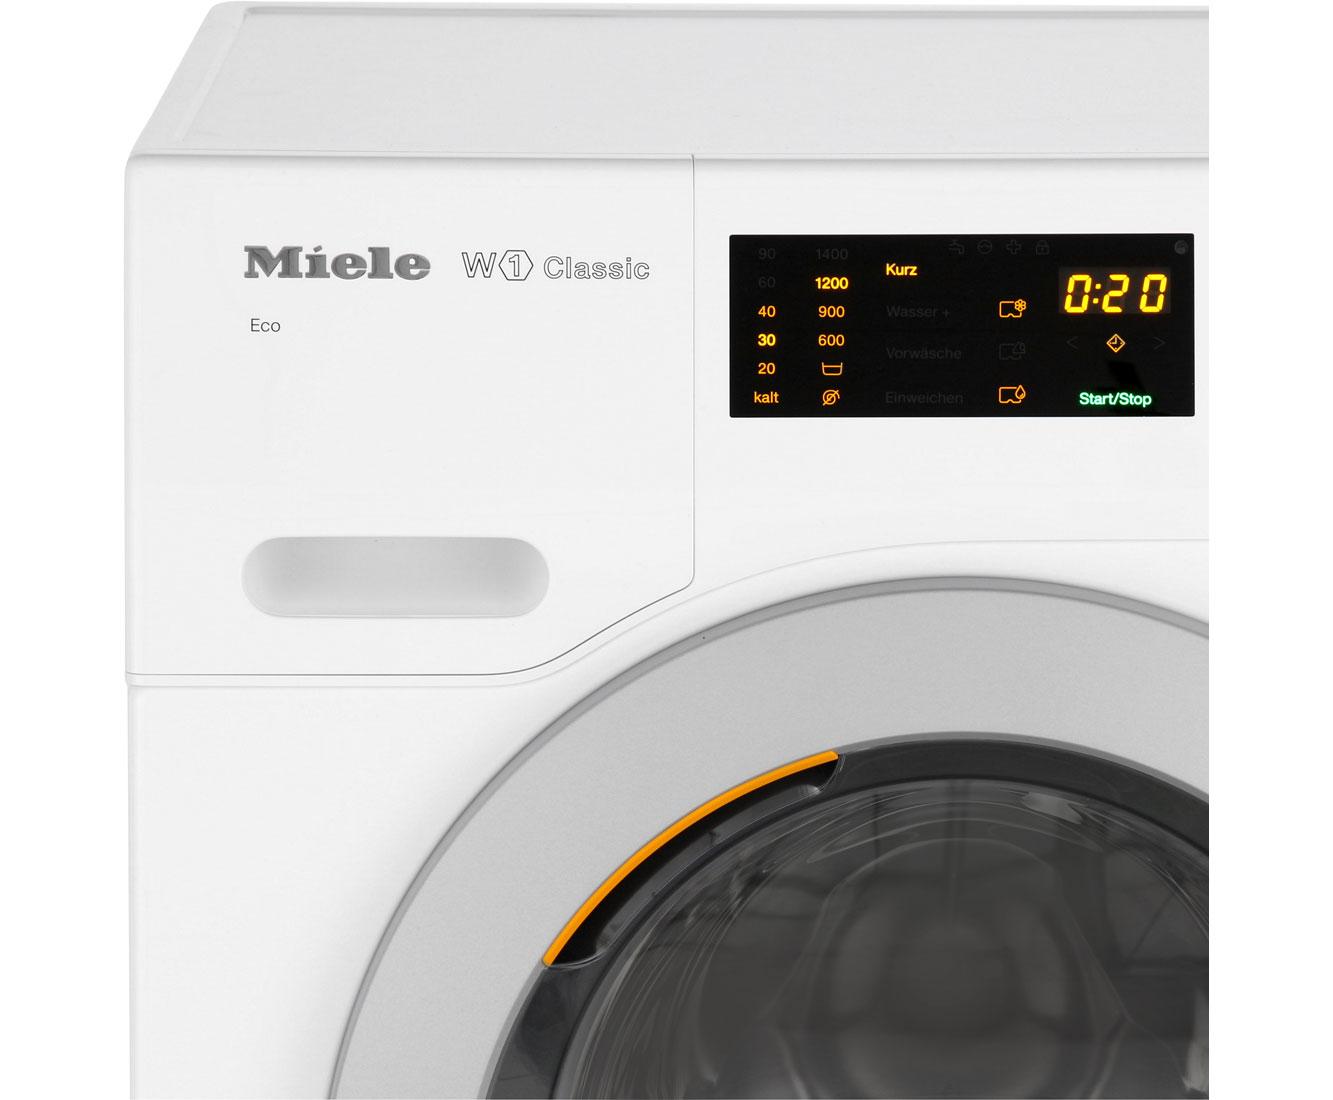 Miele w white edition wdb wcs eco waschmaschine kg u